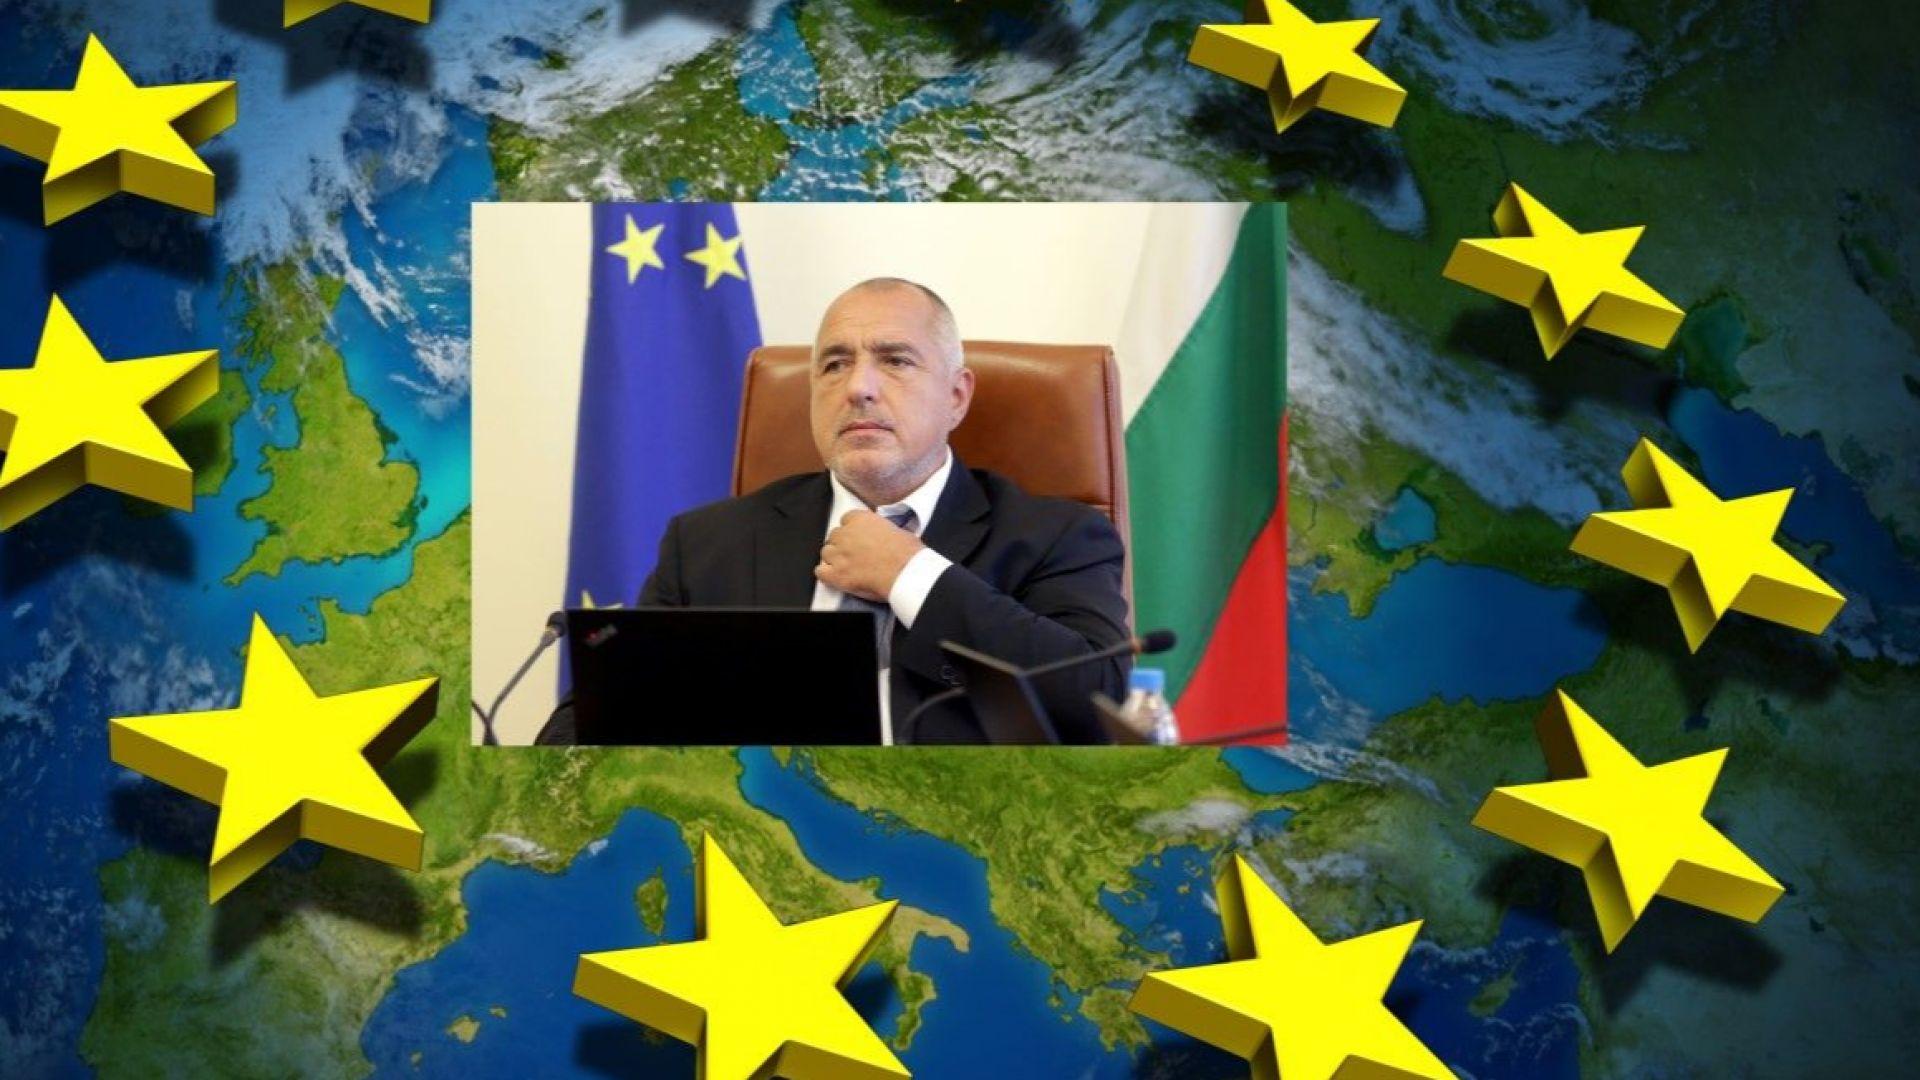 Борисов загатна за опасност от нова война и още мигранти